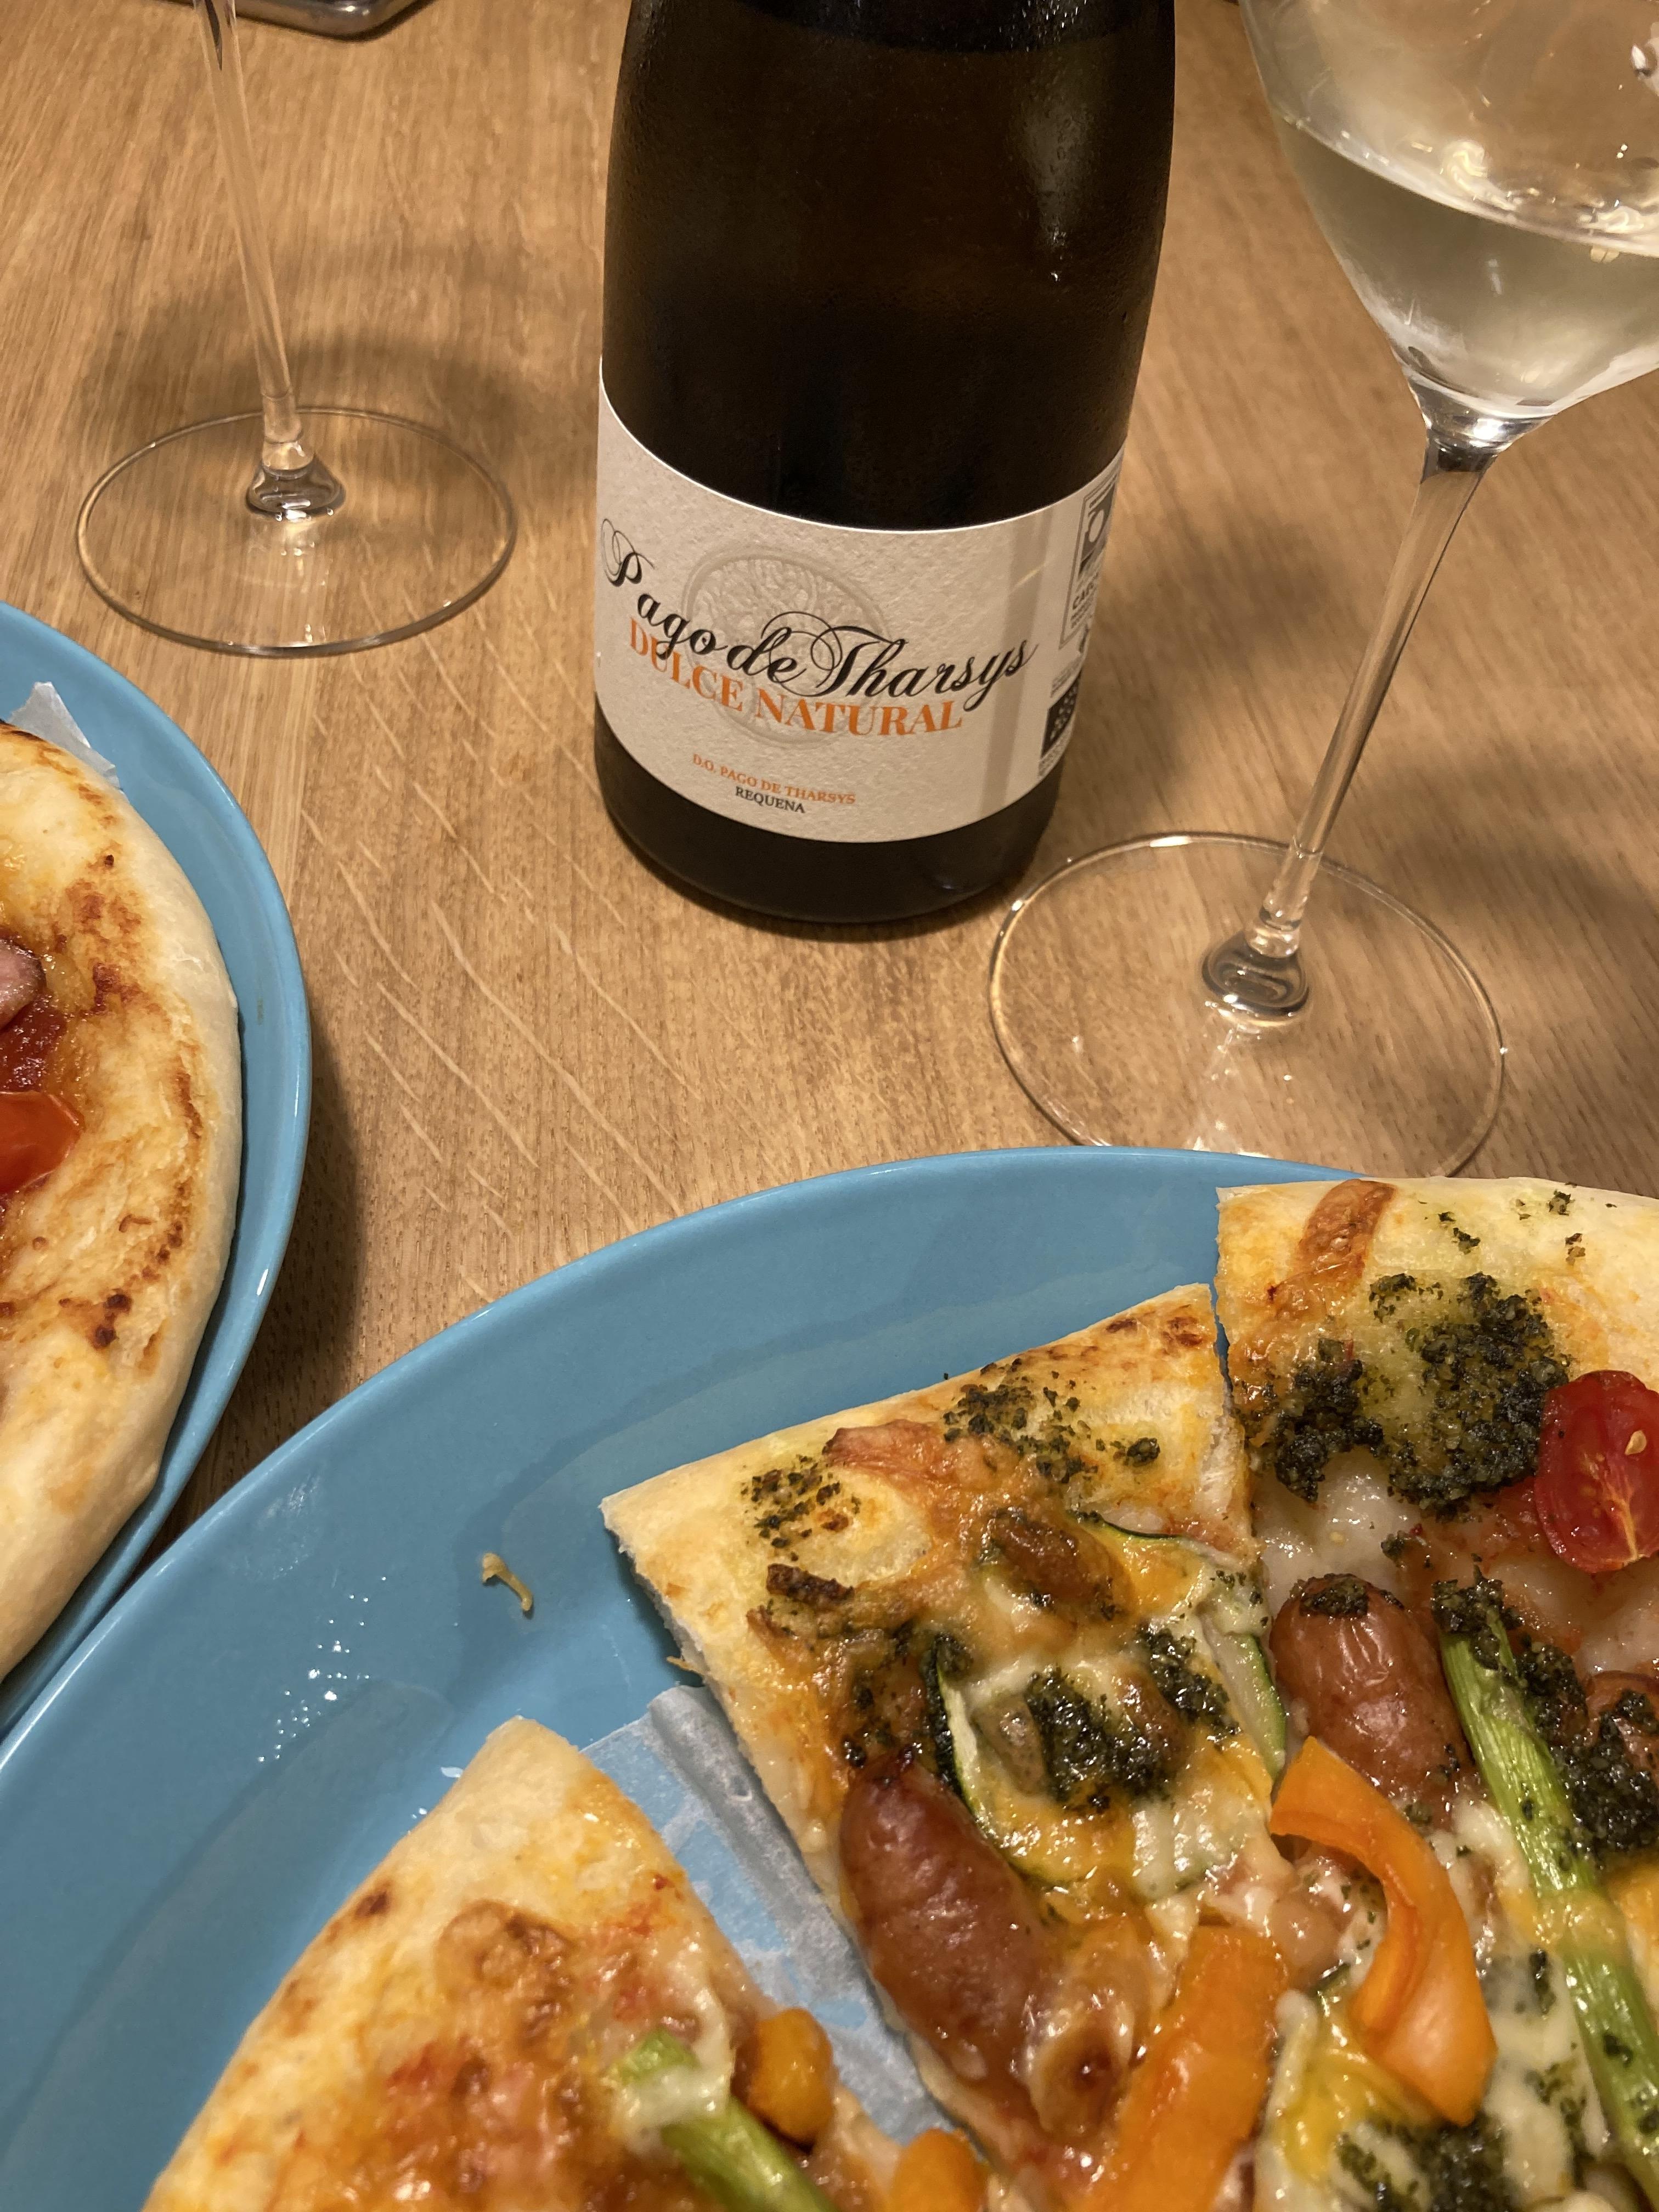 パゴ・デ・タルシス・ドルチェ・ナチュラル・ブロンクスとピザ